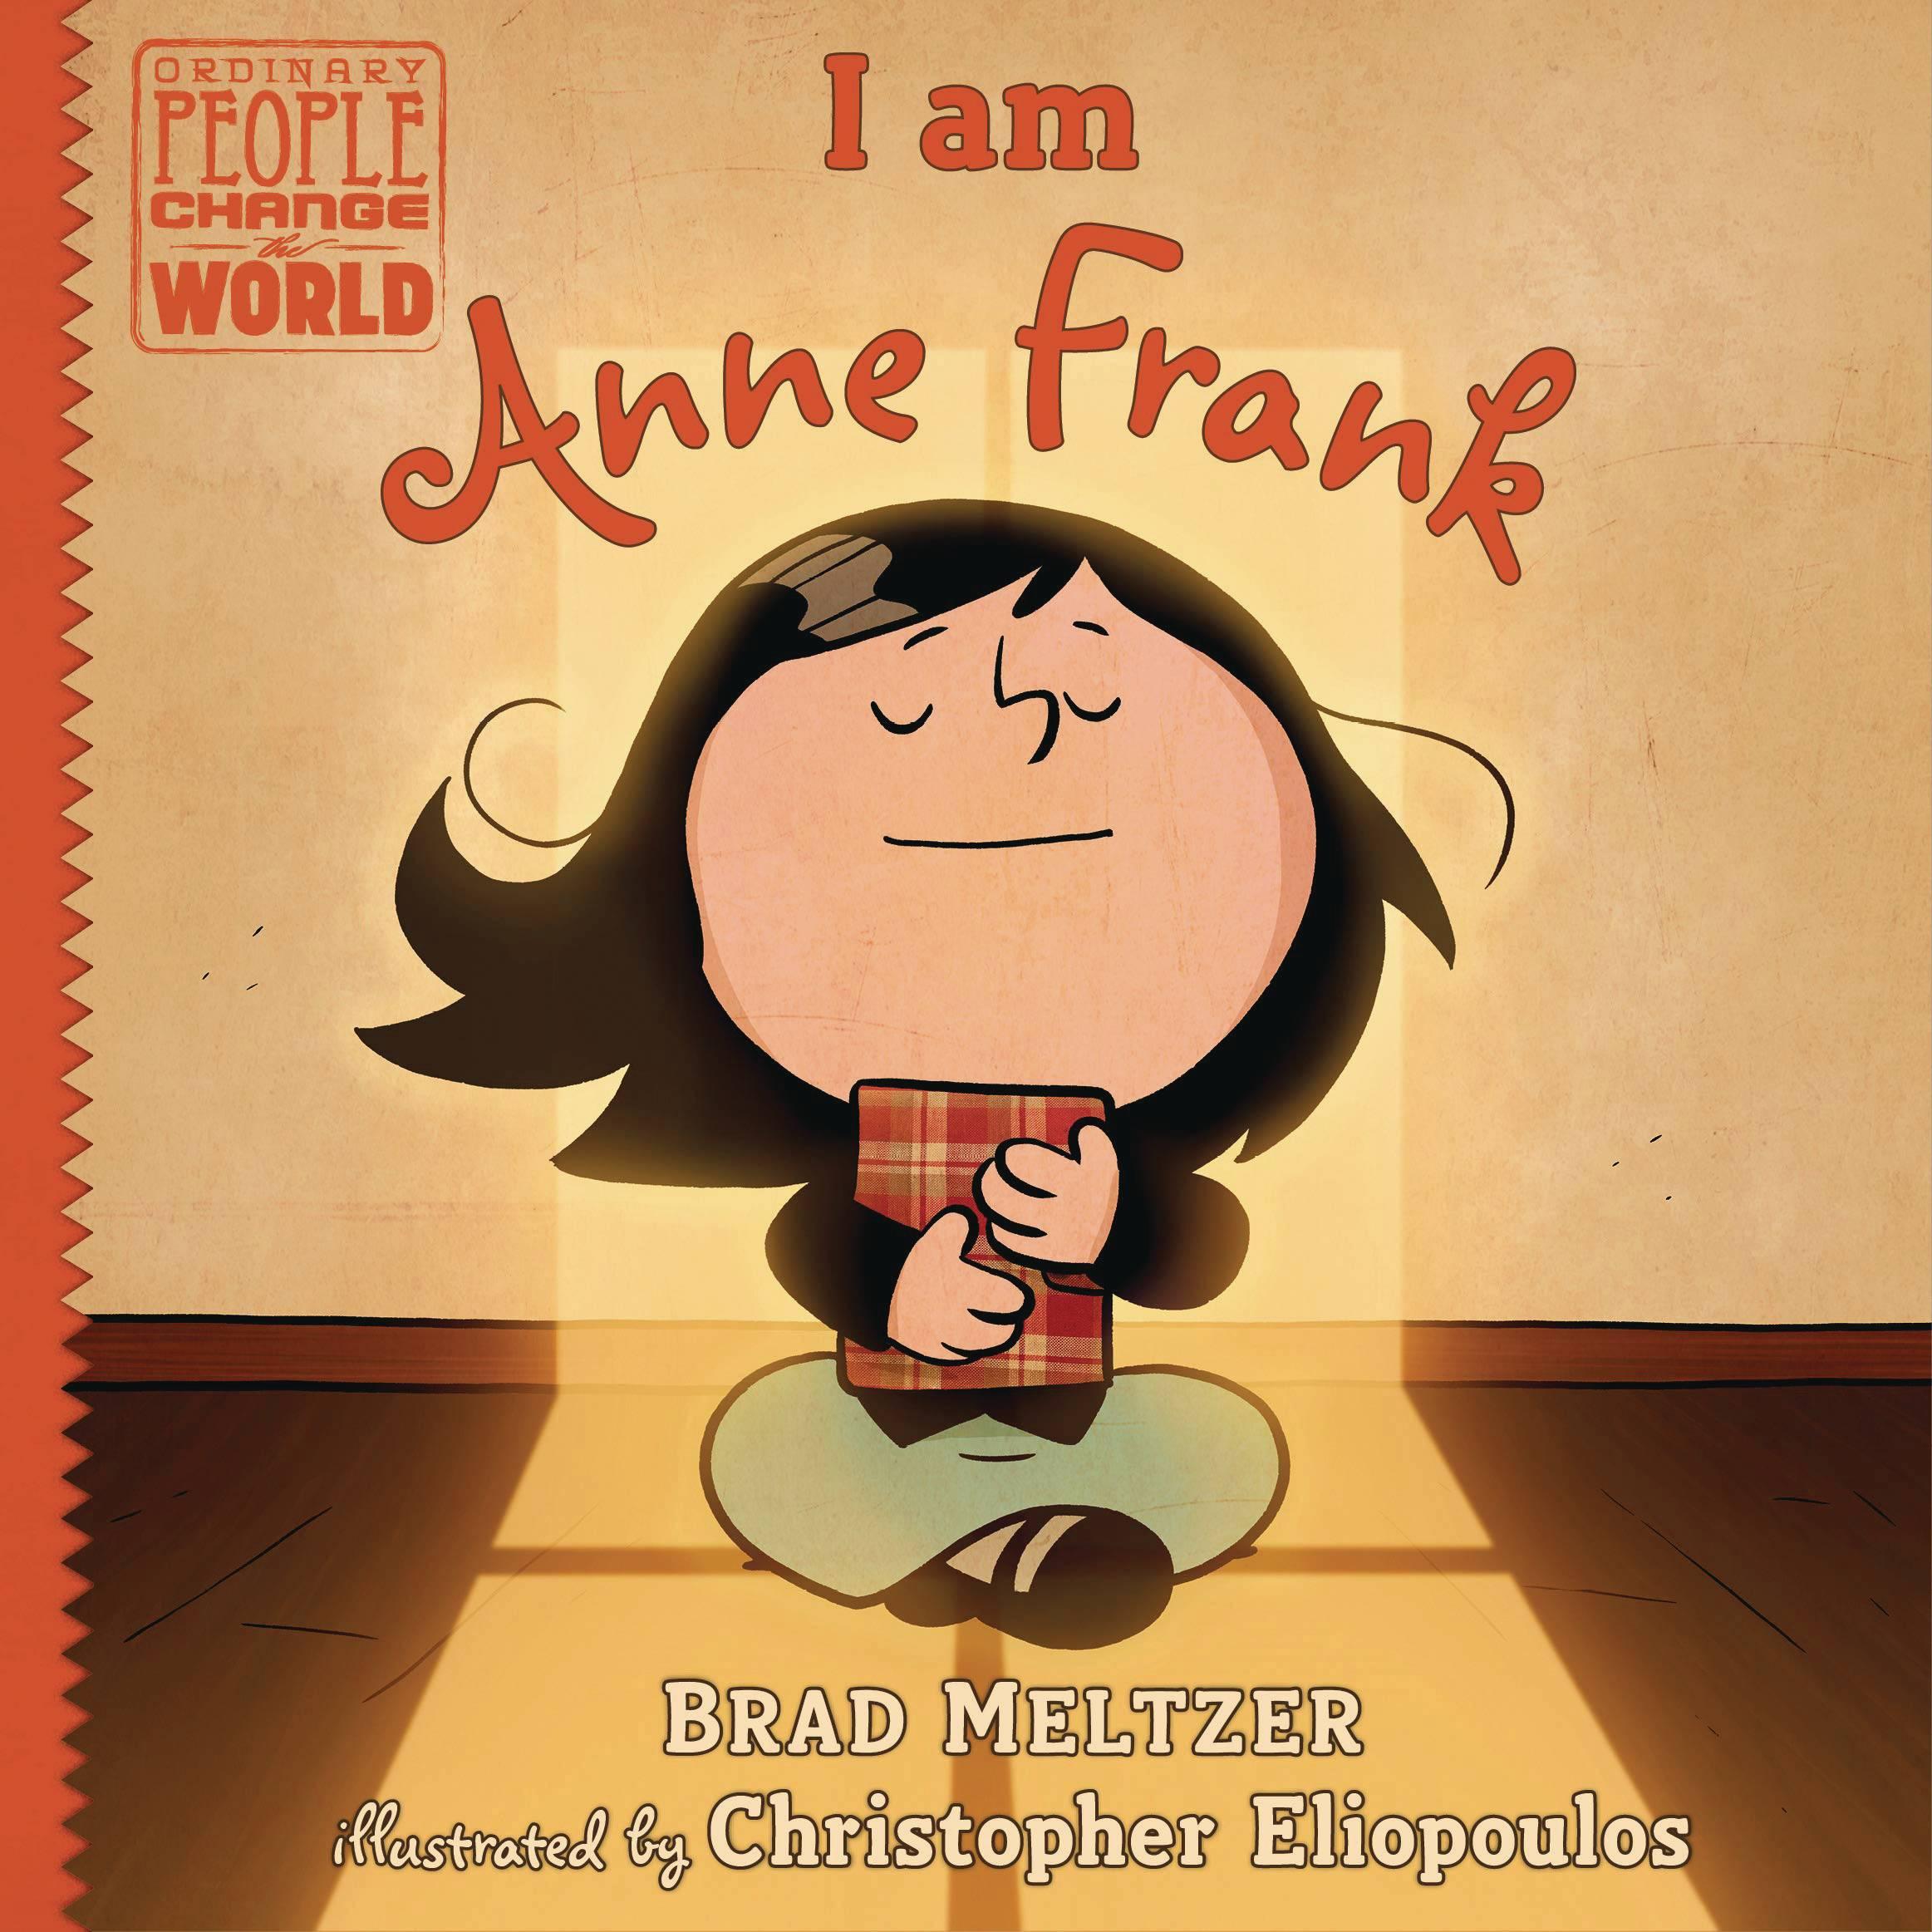 I AM ANNE FRANK YR HC